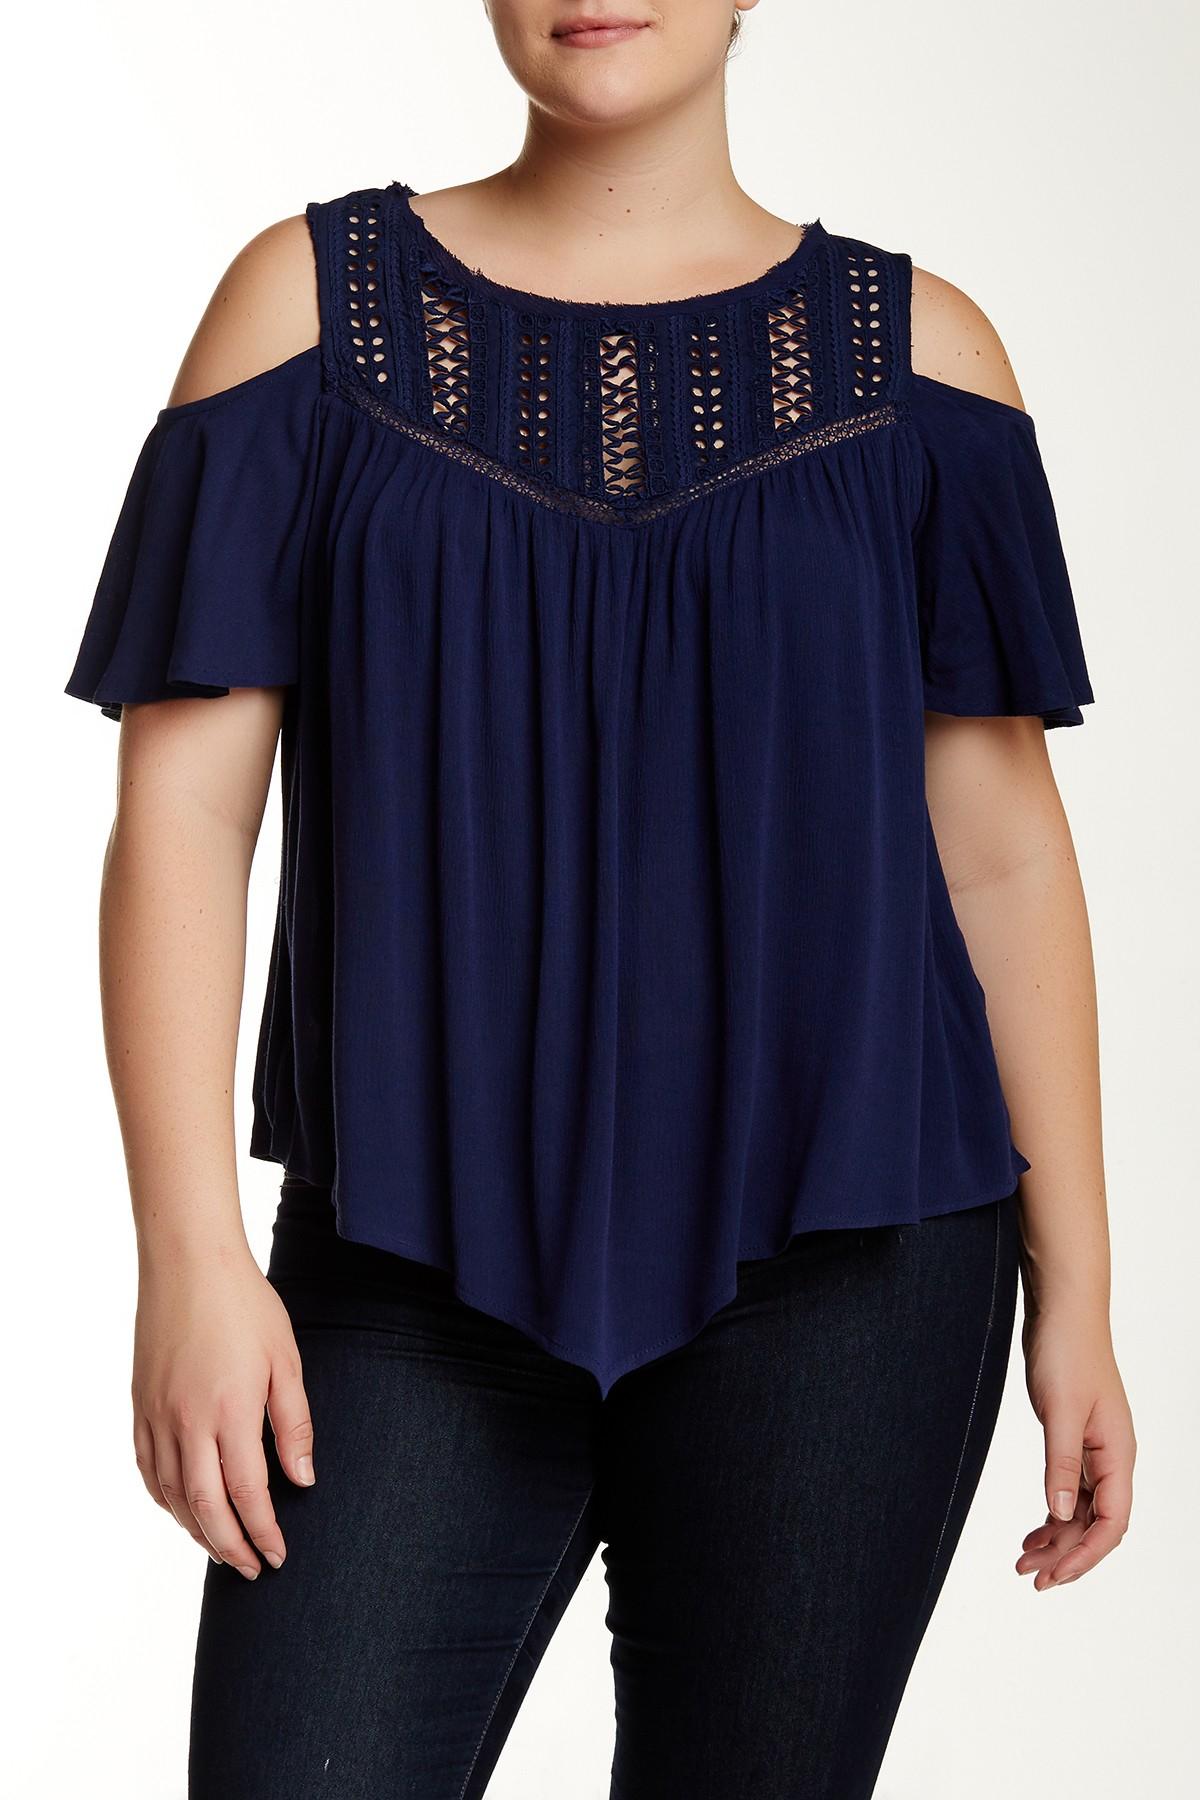 plus size clothes empire waist